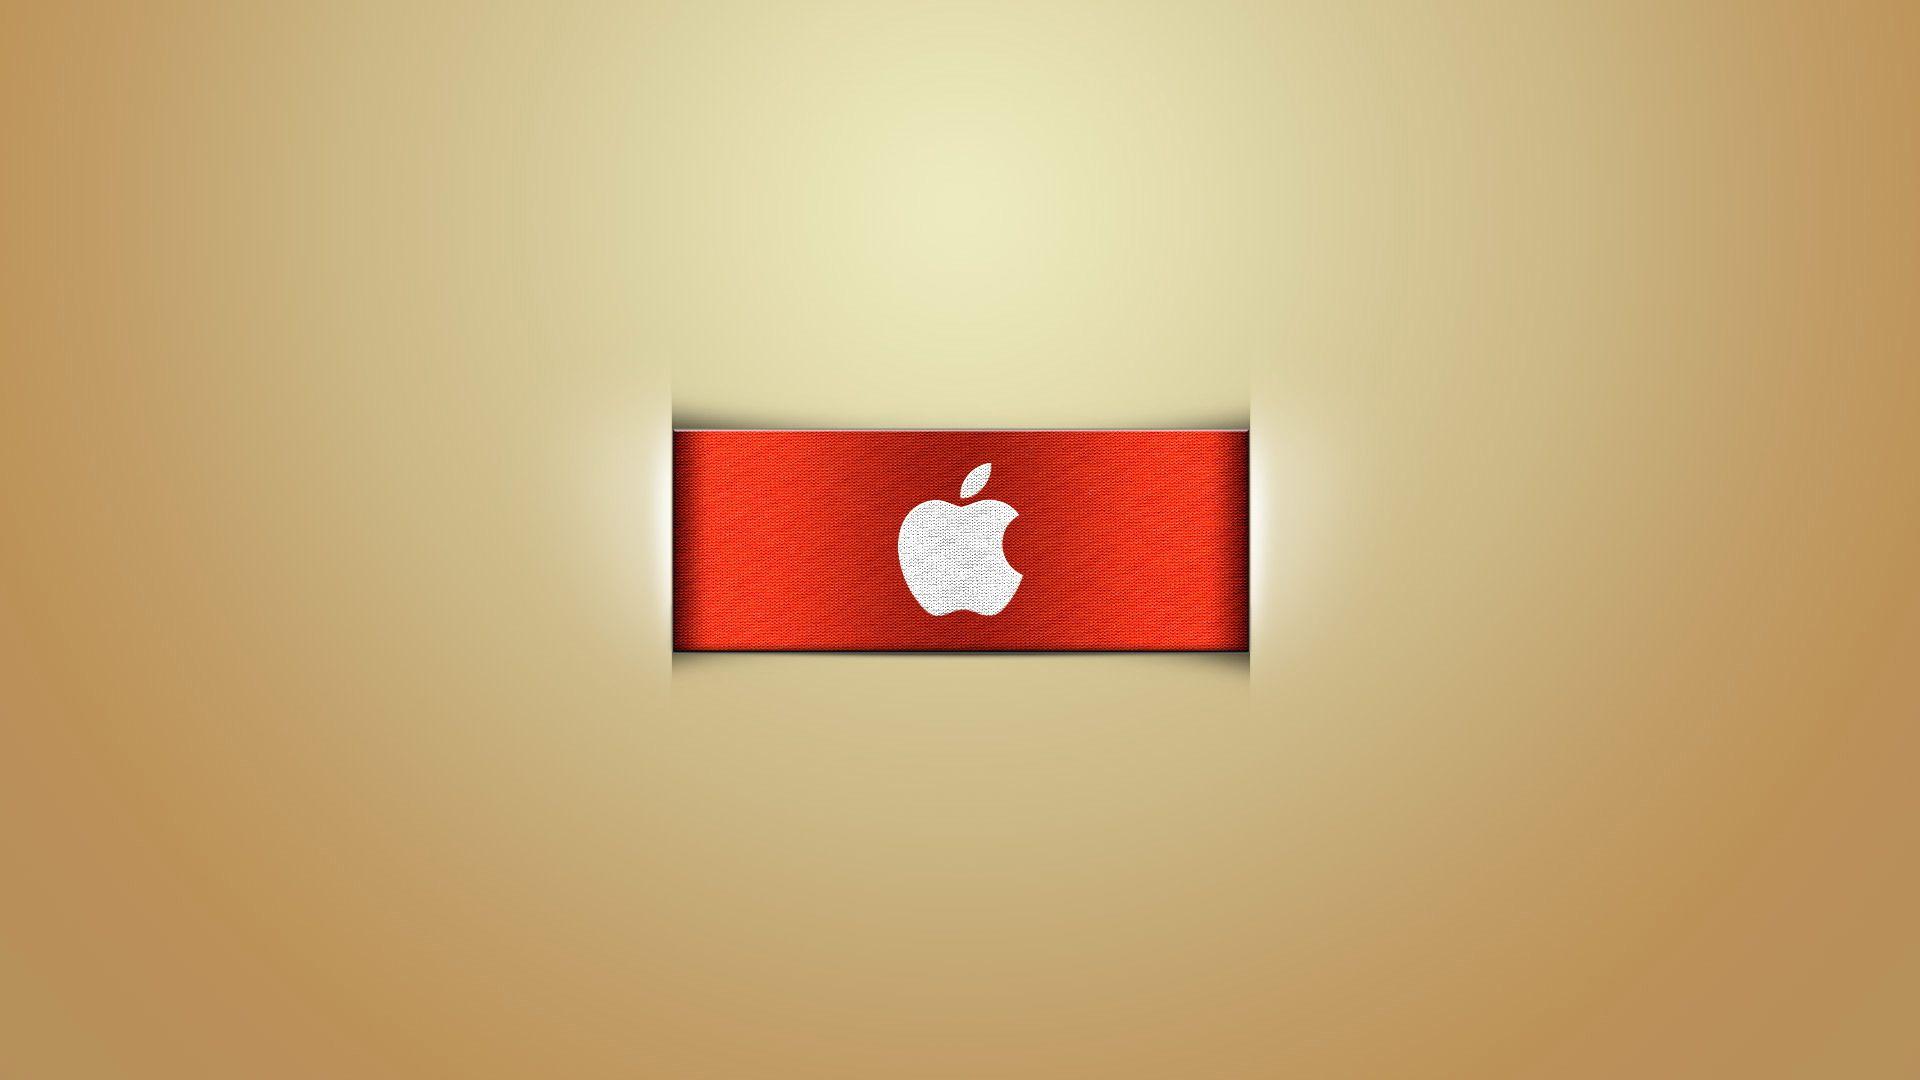 唯美霸气跑车电脑宽屏桌面壁纸 汽车壁纸: 红色经典苹果系统桌面壁纸高清图片